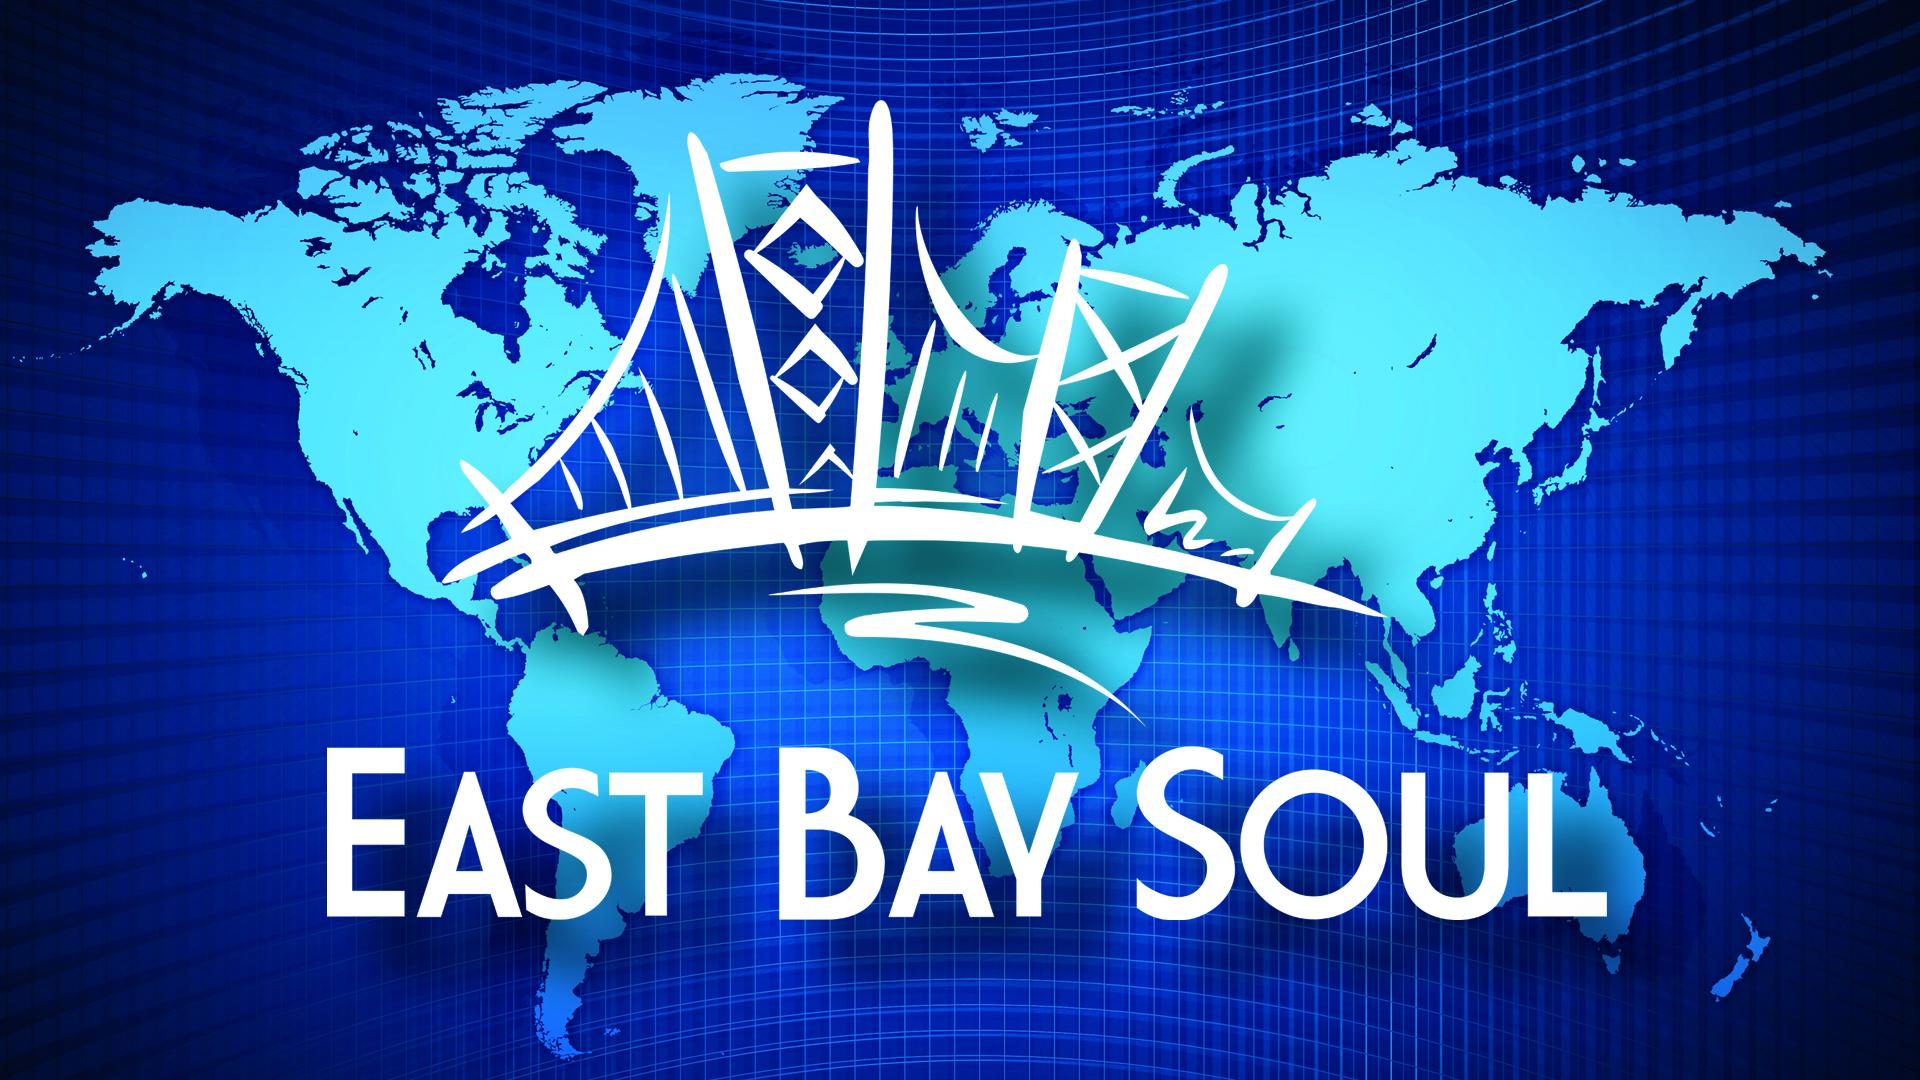 d440e4fcc East Bay Soul - July Tour Dates